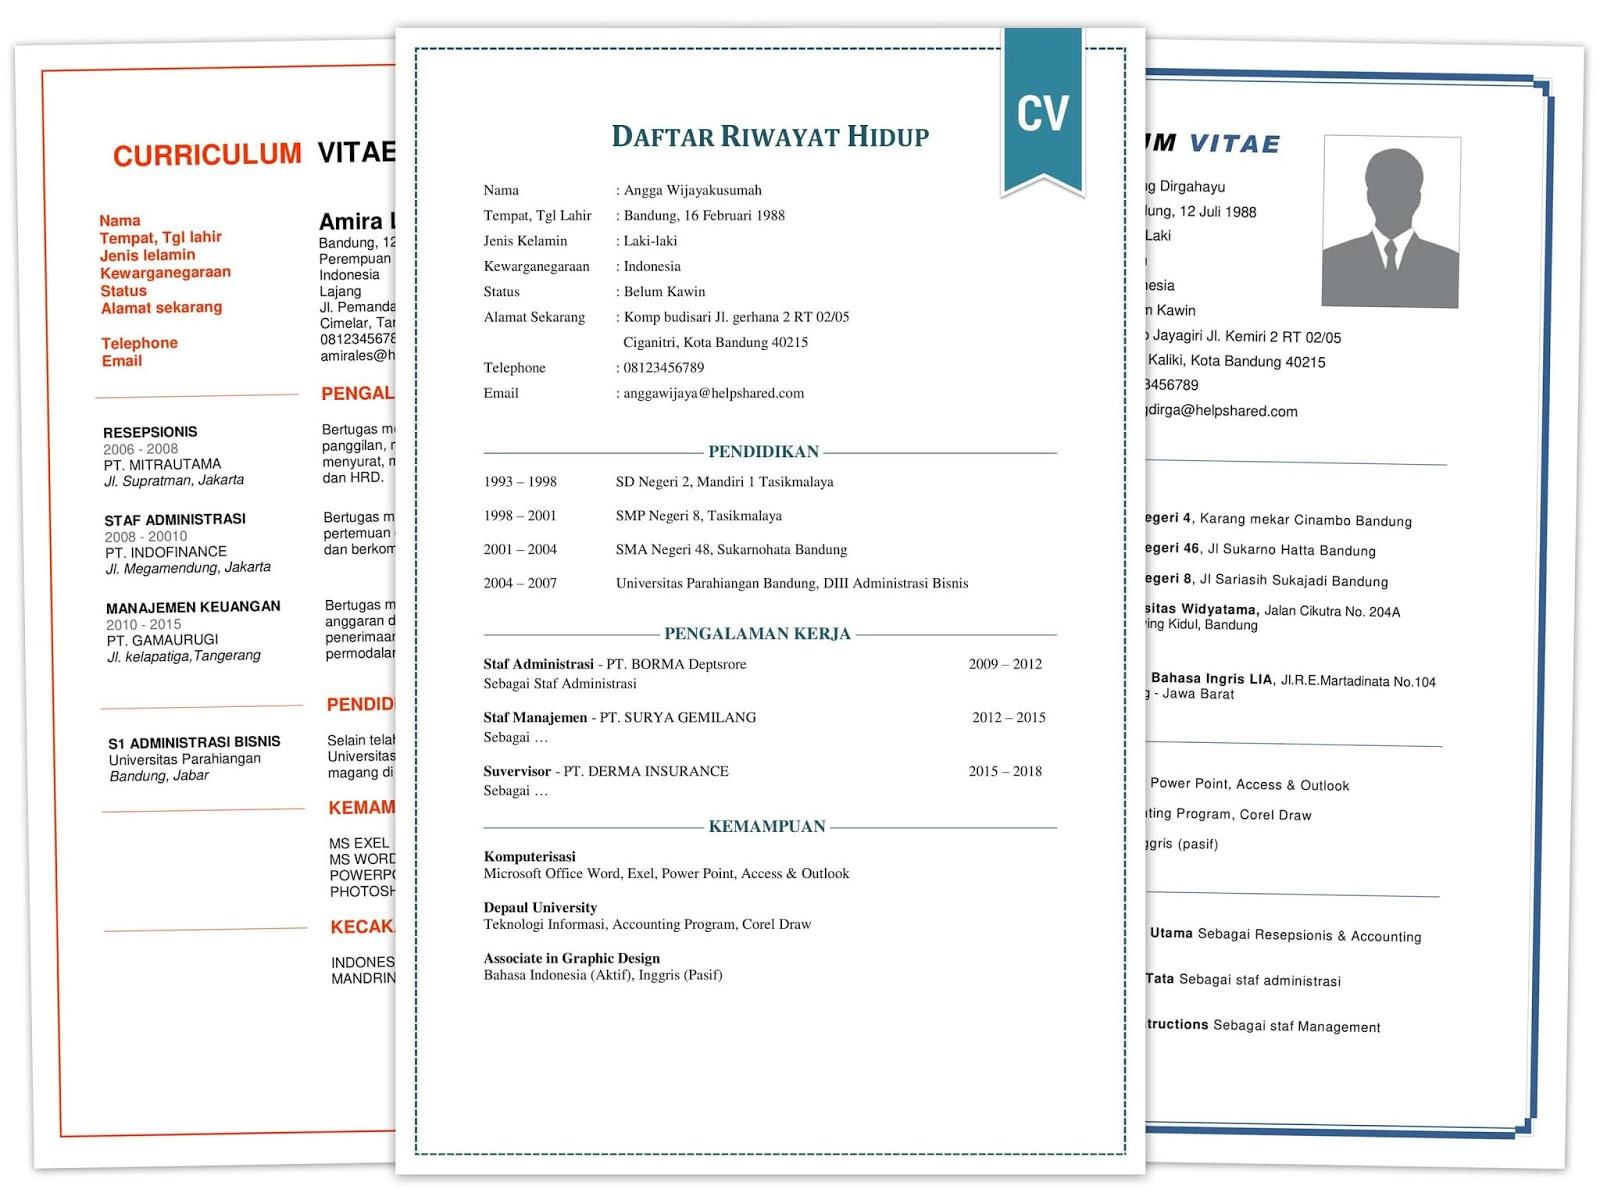 Contoh Daftar Riwayat Hidup Cv Format Doc Pdf Yang Baik Dan Benar